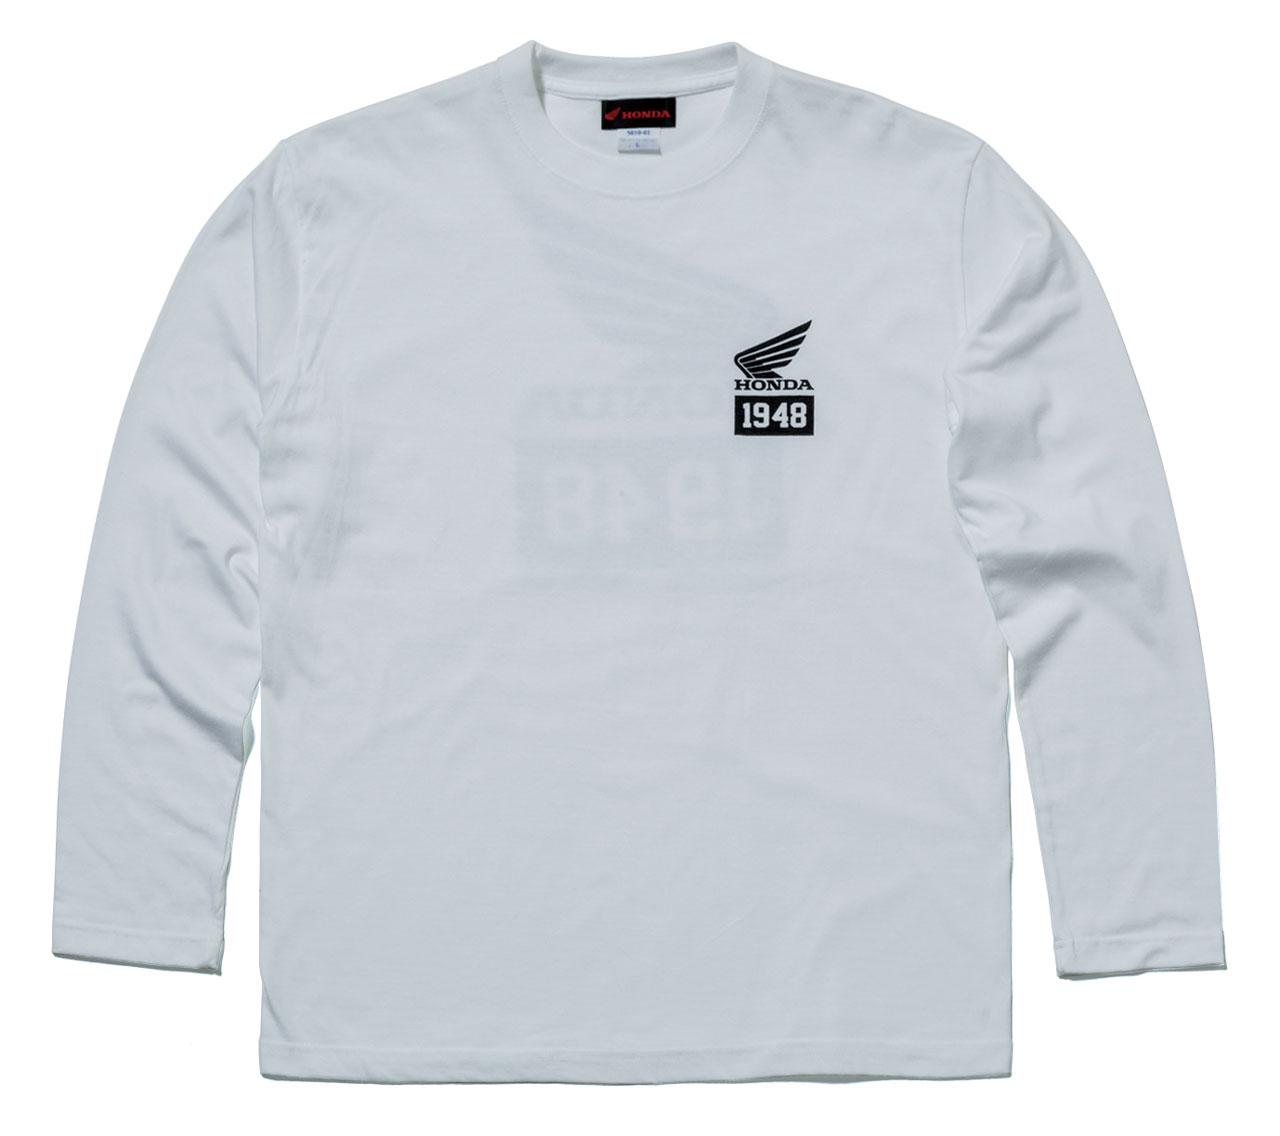 【HONDA RIDING GEAR】【HONDA×YOSHIDA ROBERTO】長袖 T恤「1948」 - 「Webike-摩托百貨」